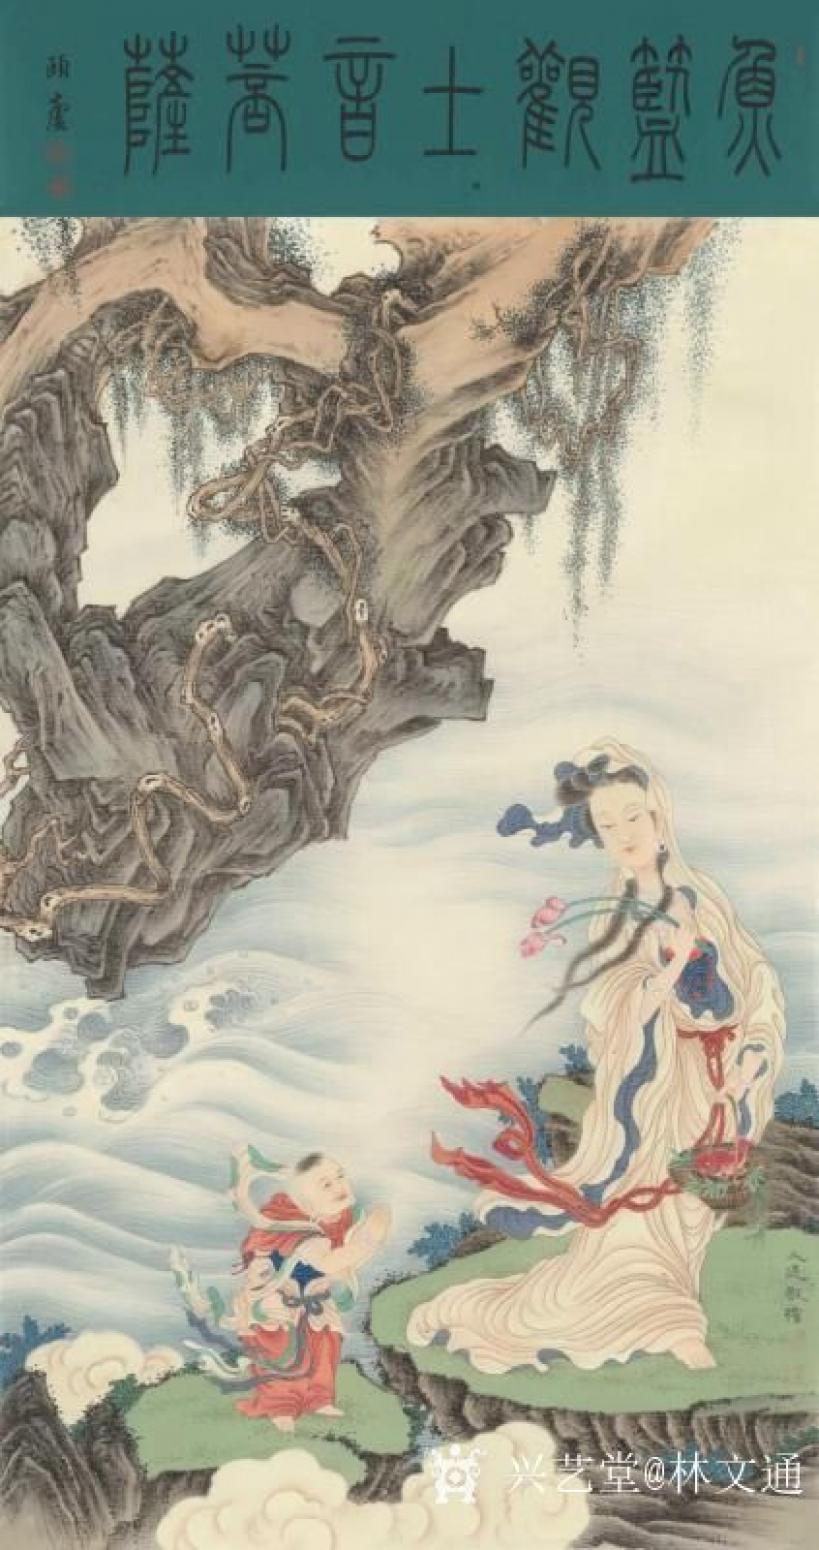 林文通国画作品《《鱼篮观世音菩萨》》